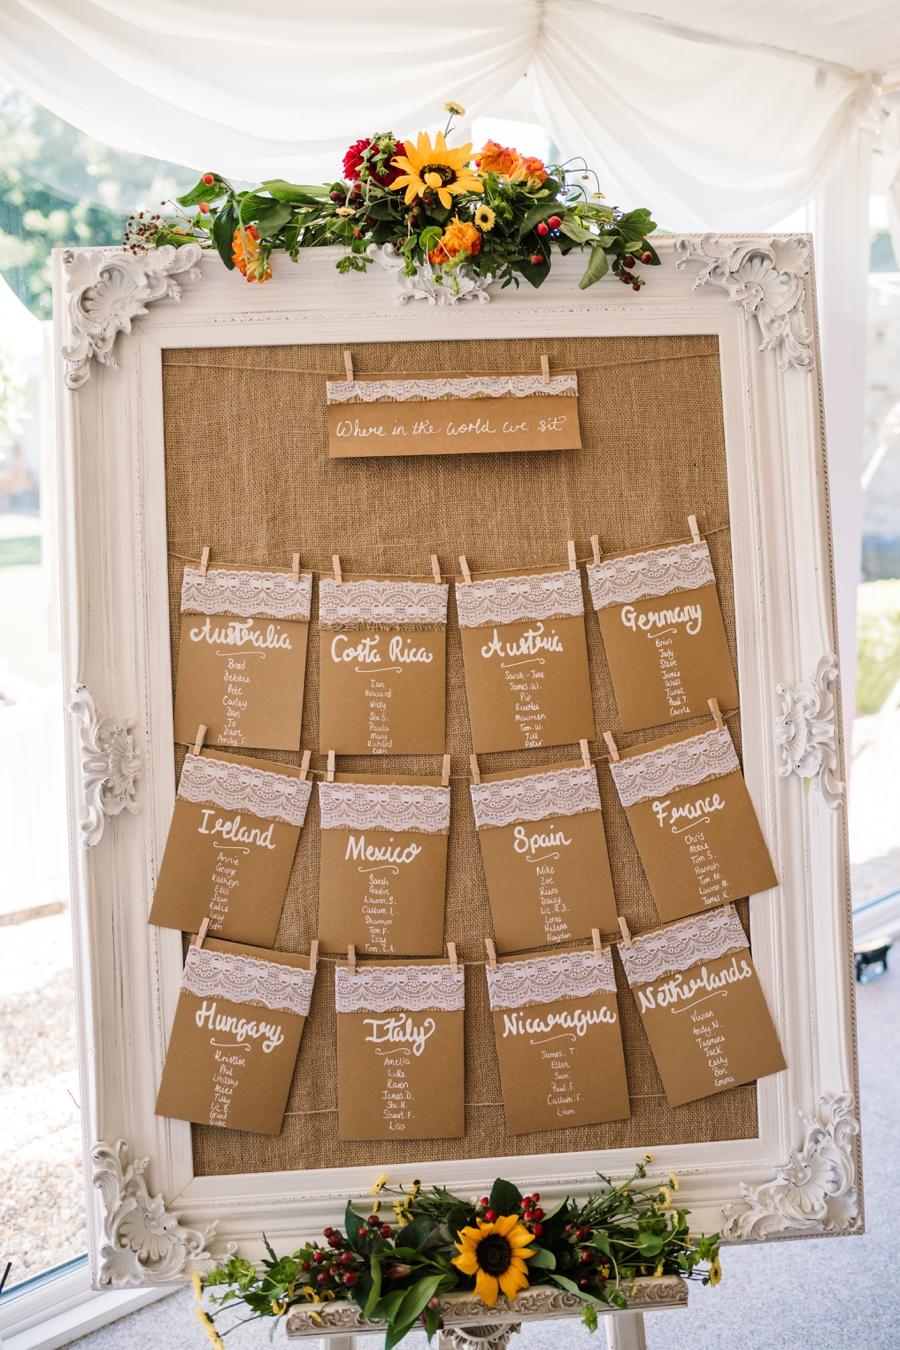 Parley Manor wedding photography by Rachel Elizabeth on English Wedding (6)